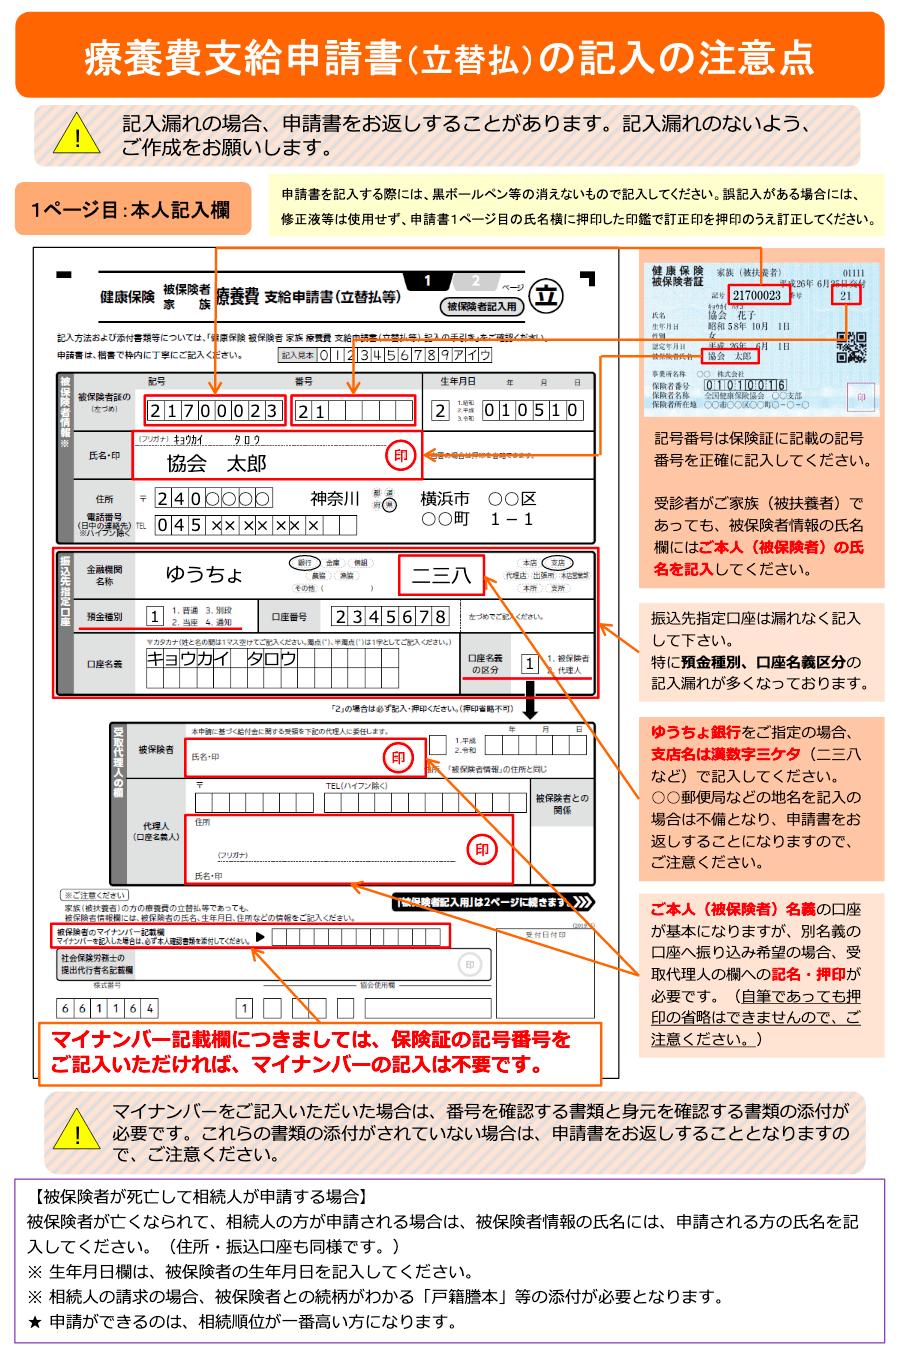 スクリーンショット 2020-01-08 12.11.02